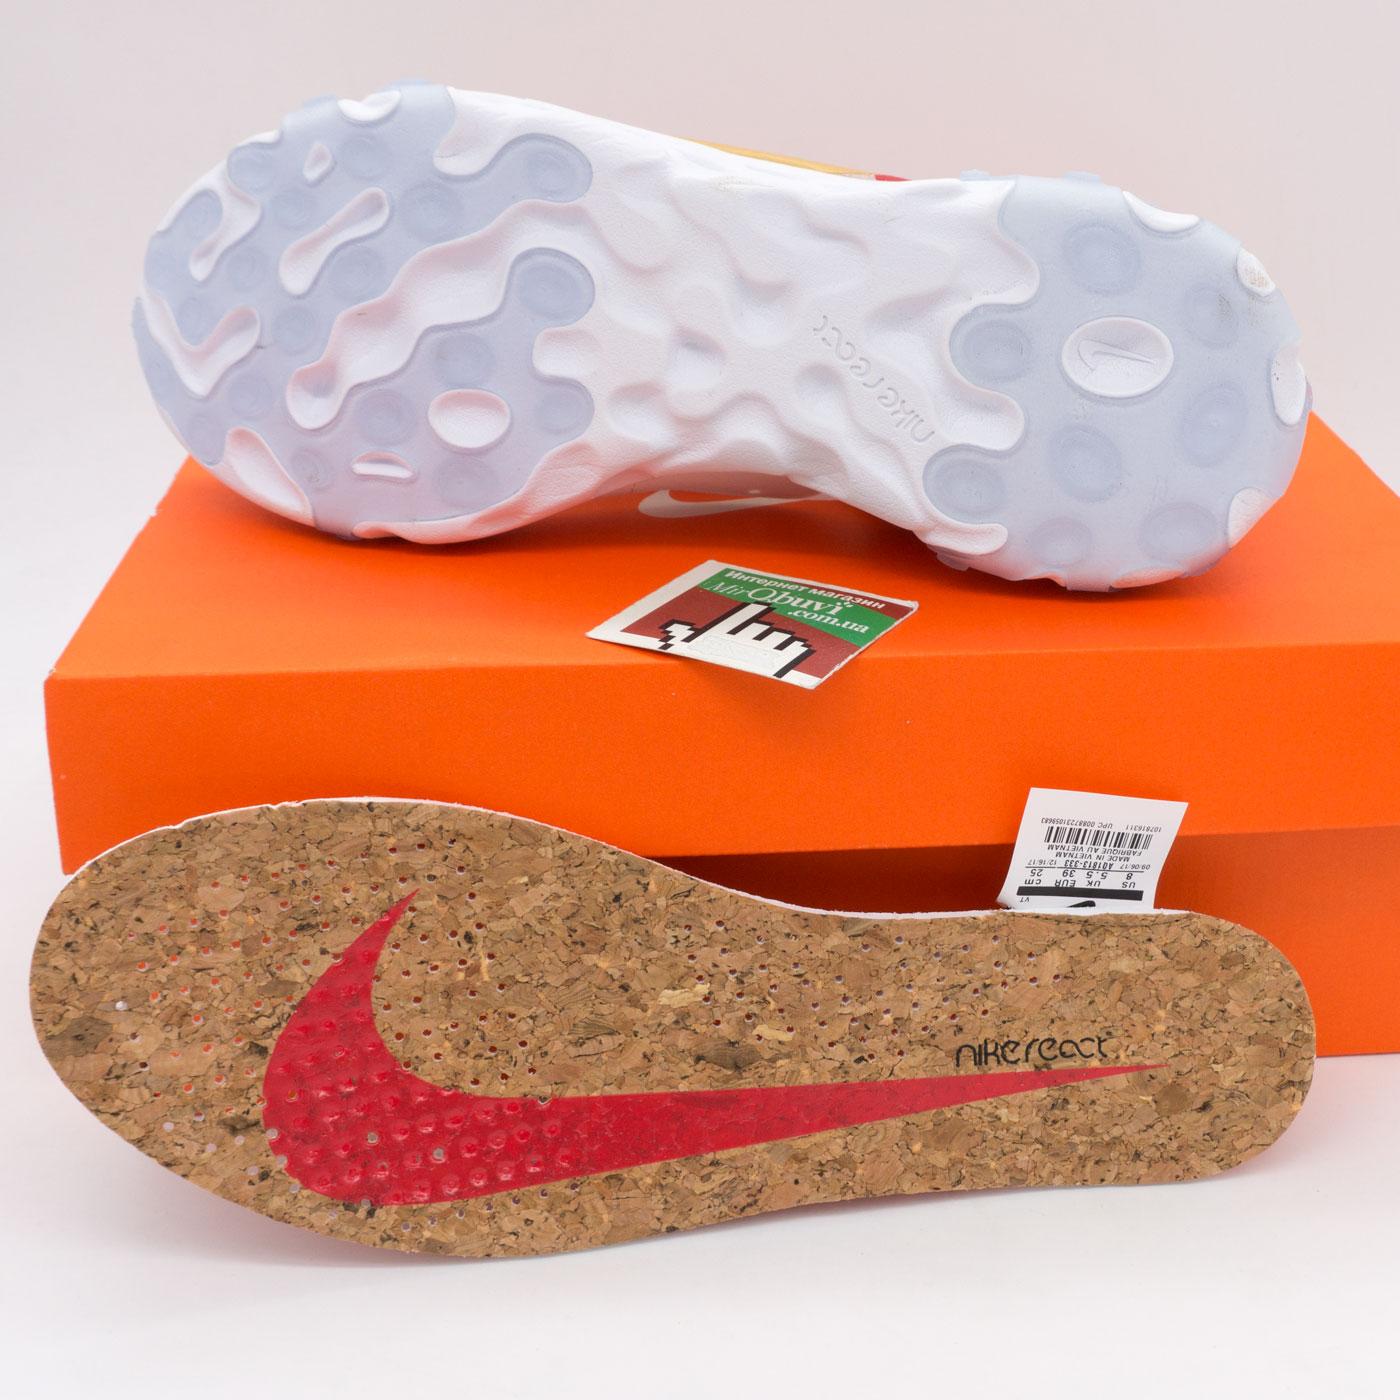 фото bottom Кроссовки Nike React 87 Undercover белые с красным. Топ качество! bottom